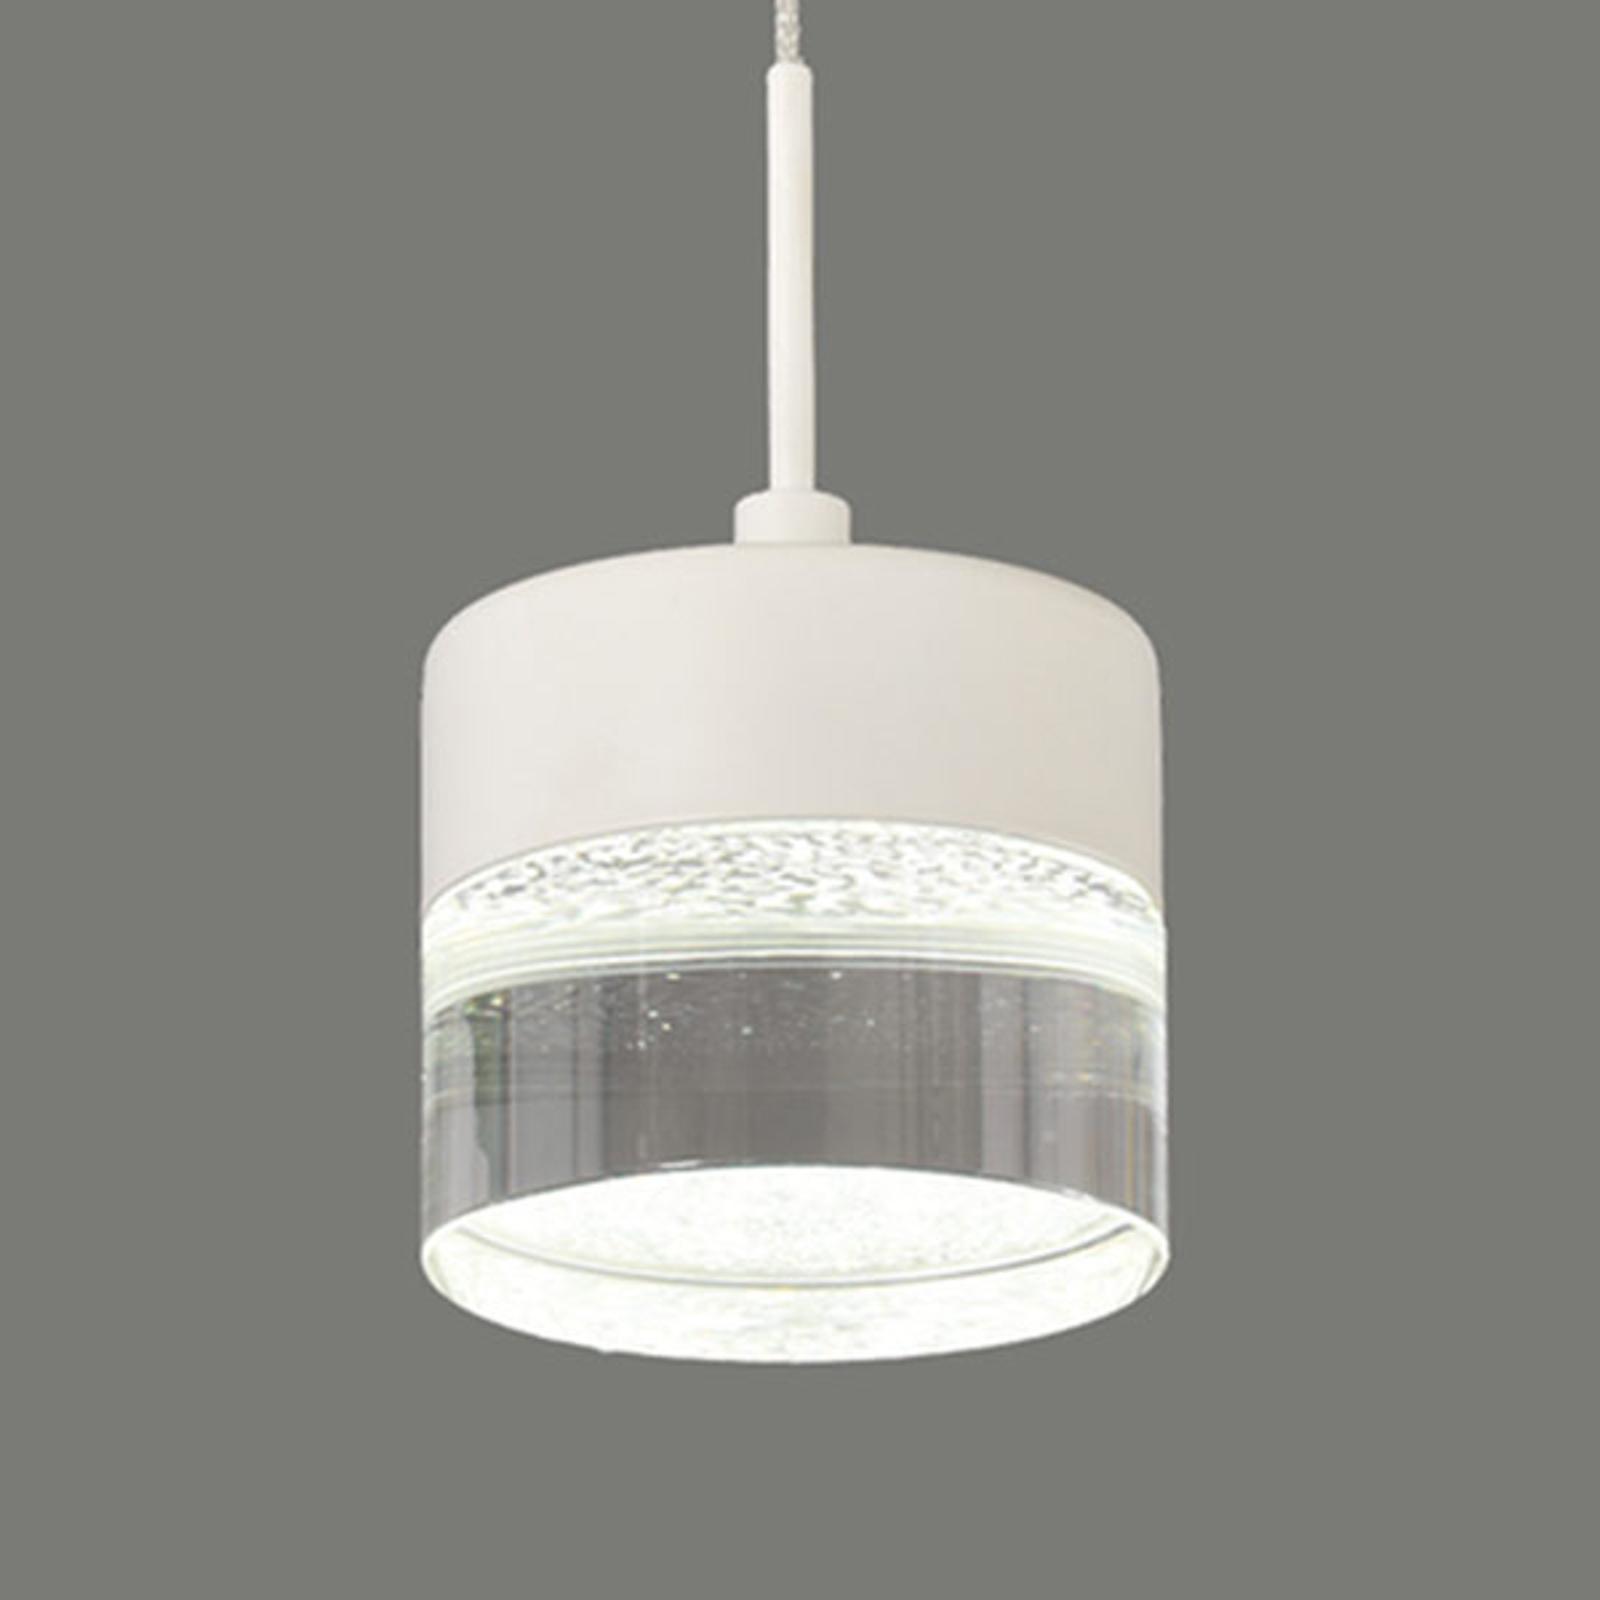 LED hanglamp Austral